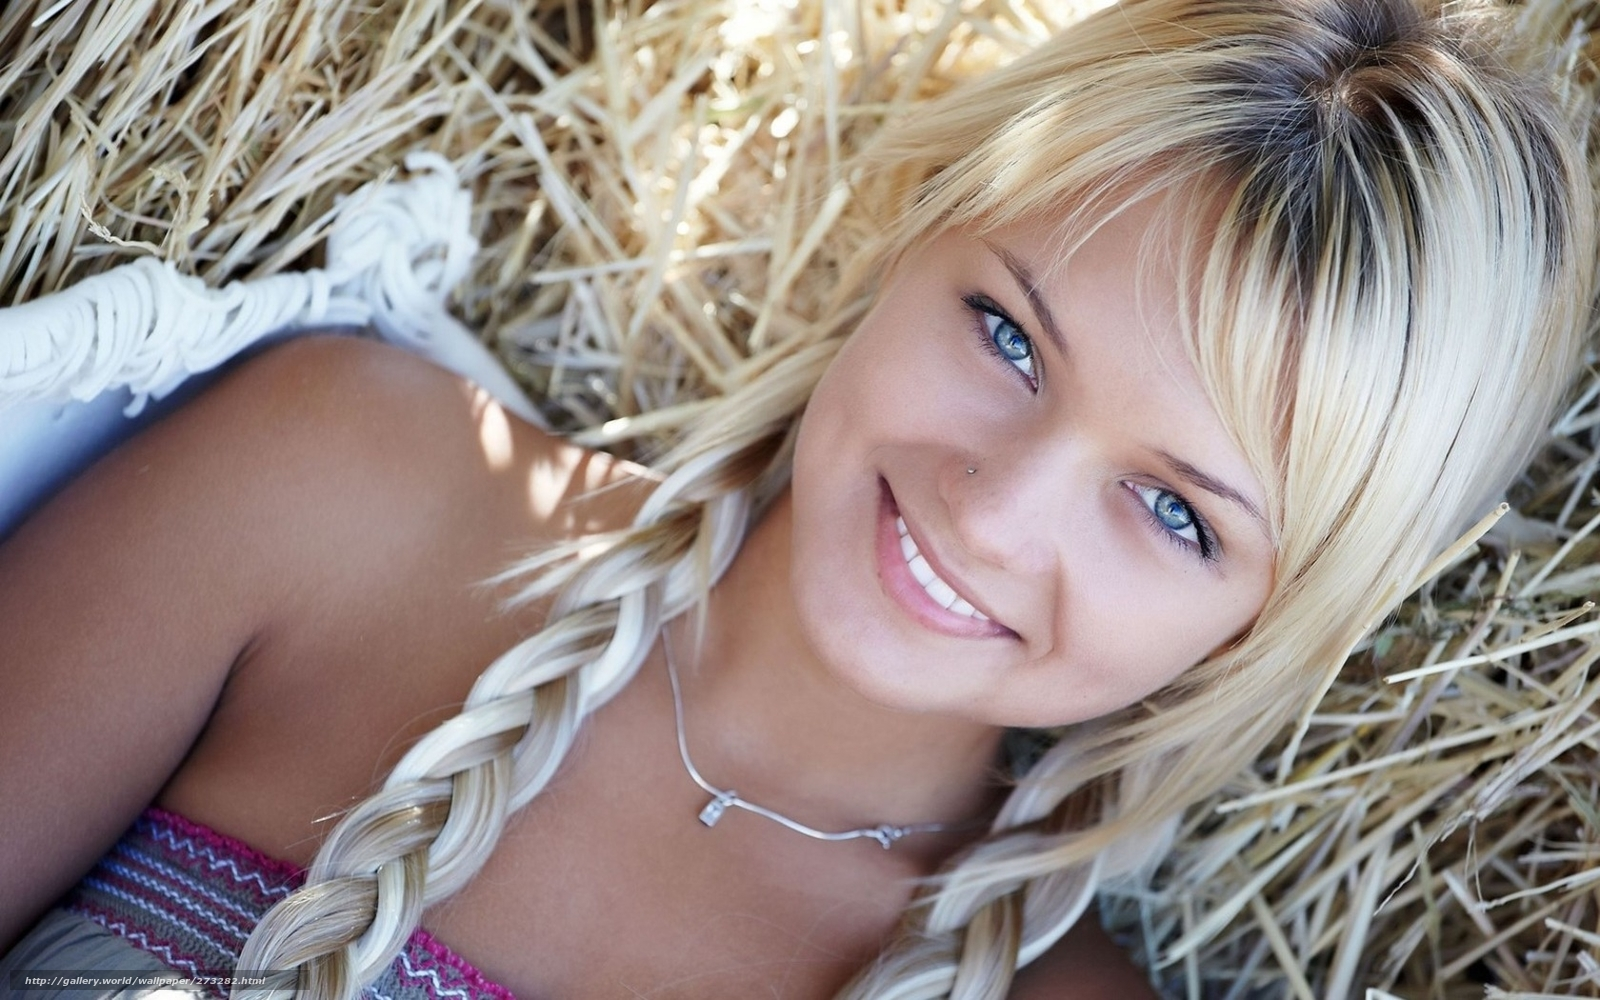 Секс с молоденькой русской девушкой онлайн 18 фотография